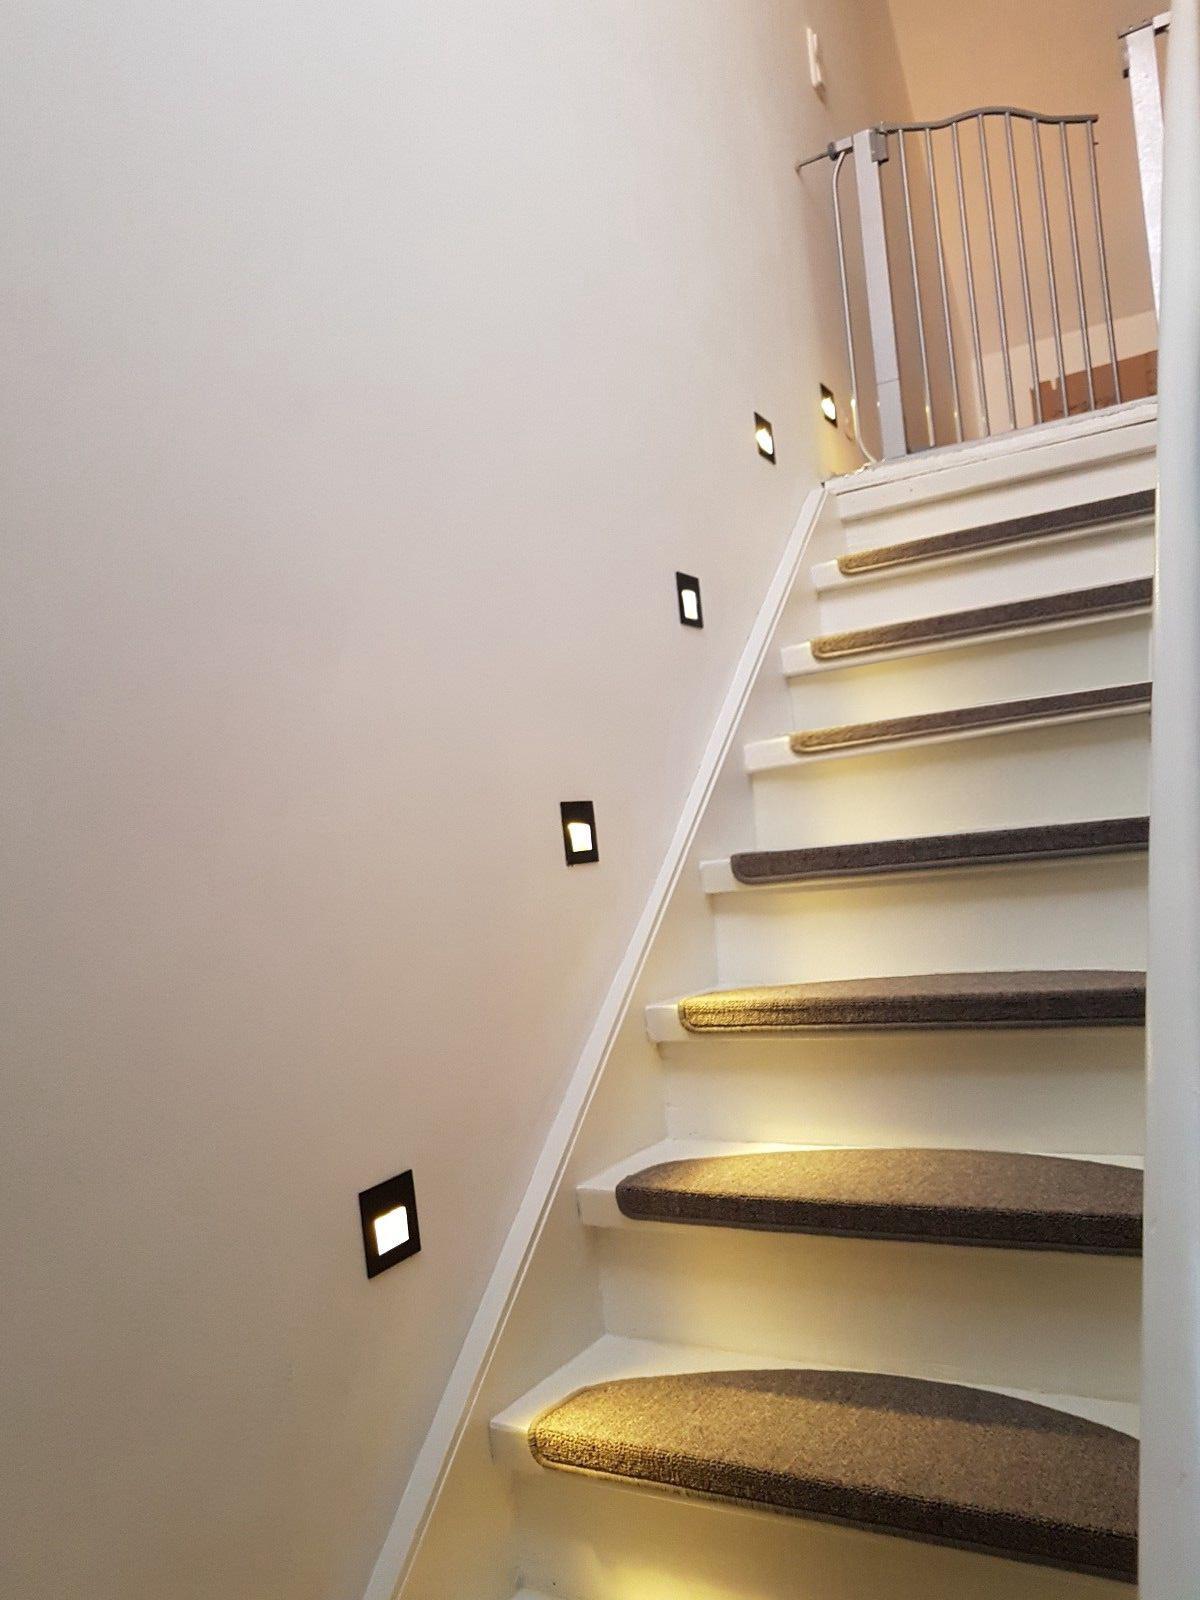 Stufenlicht Led 4er 8er 12er 2w warmweiß 230v led wandeinbauleuchte treppe